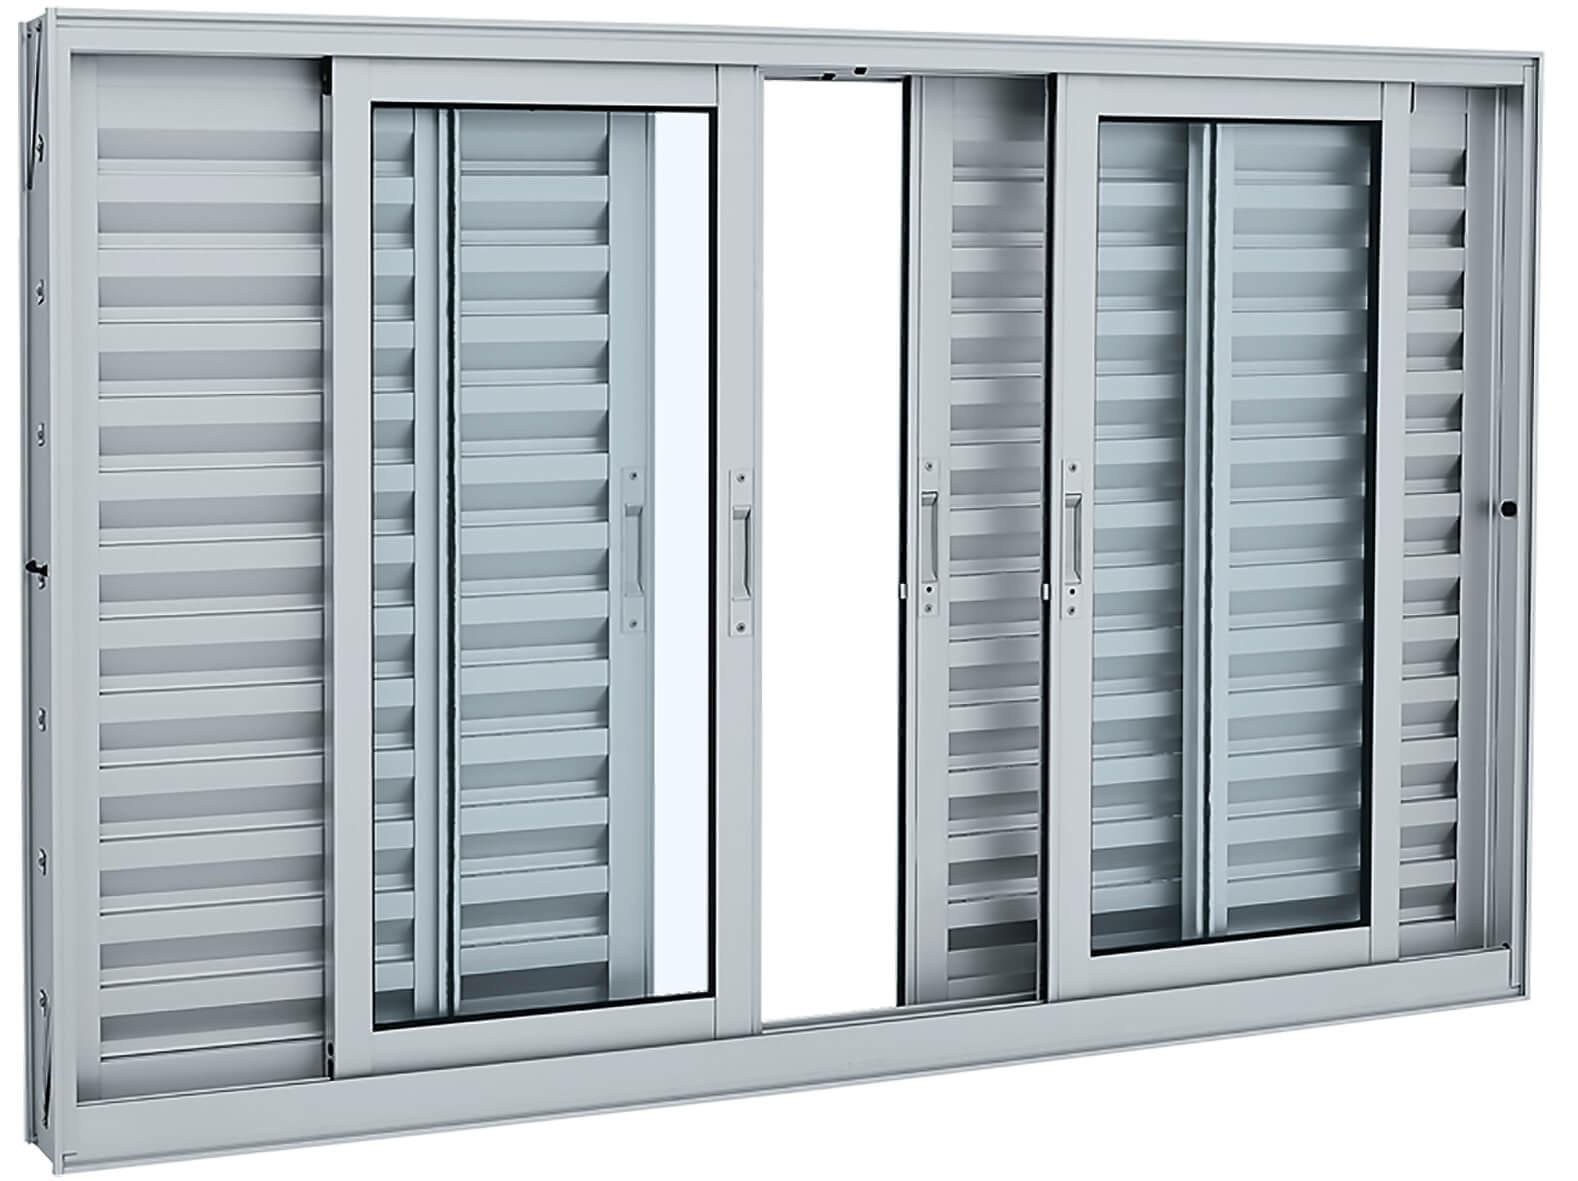 Aluminium Veneziana - 1.00x1.50x0.12 Ref. 70.21.604-3 Sasazaki